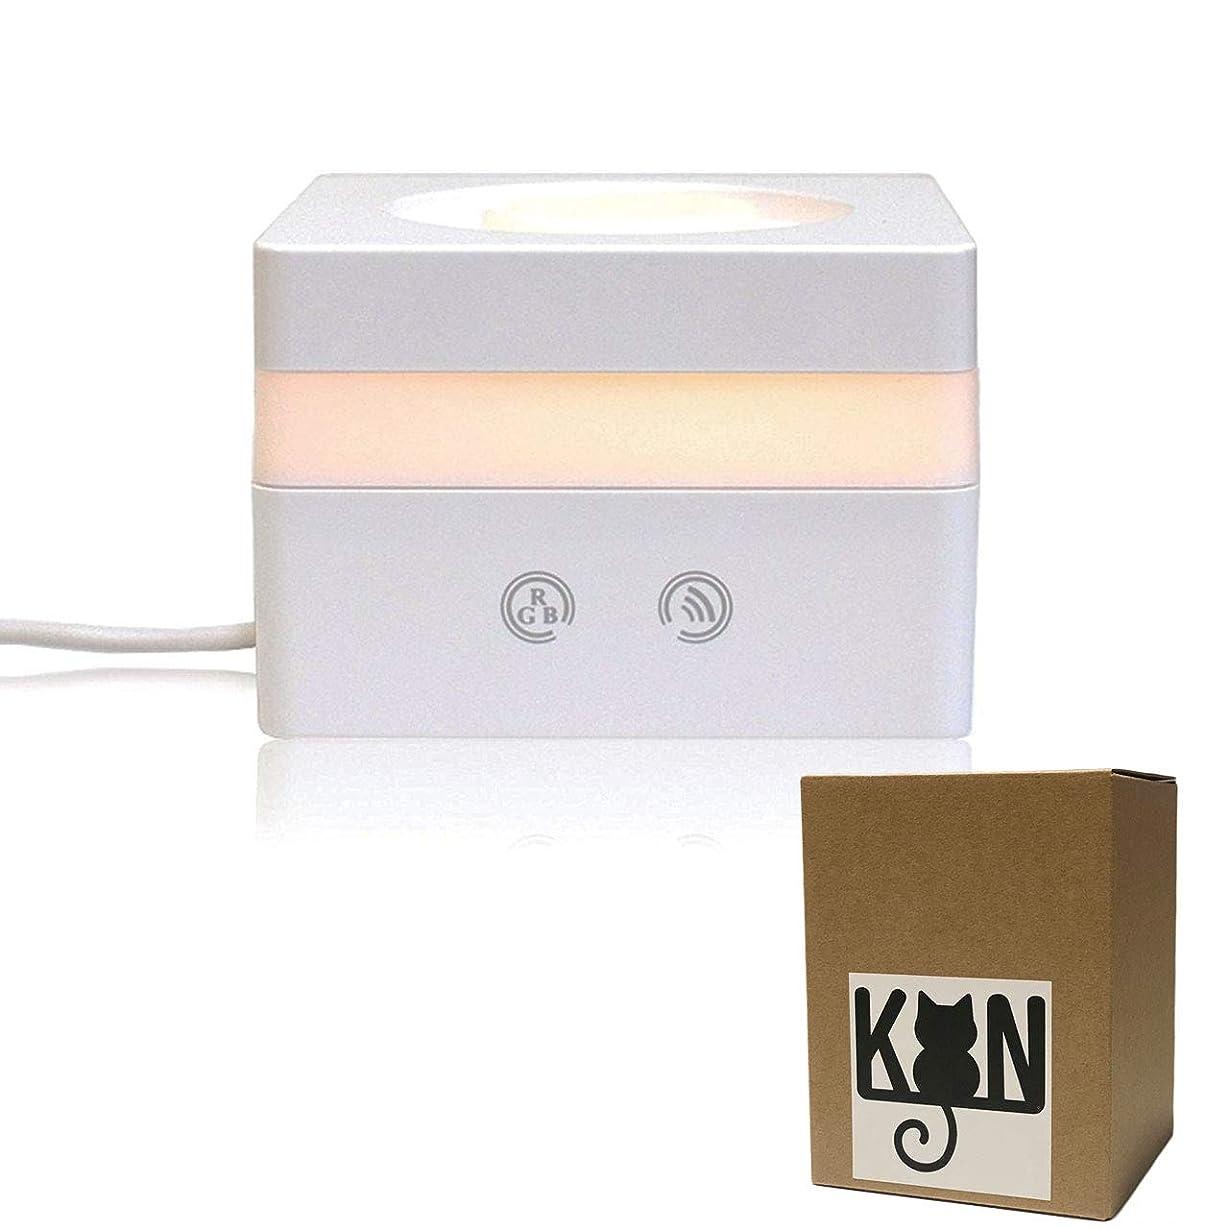 責め機関しゃがむKON アロマディフューザー 超音波式 アロマ加湿器 卓上 アロマ ムードランプ 七色変換LEDライト USB給電式 空焚き防止機能 卓上加湿器 キューブ型